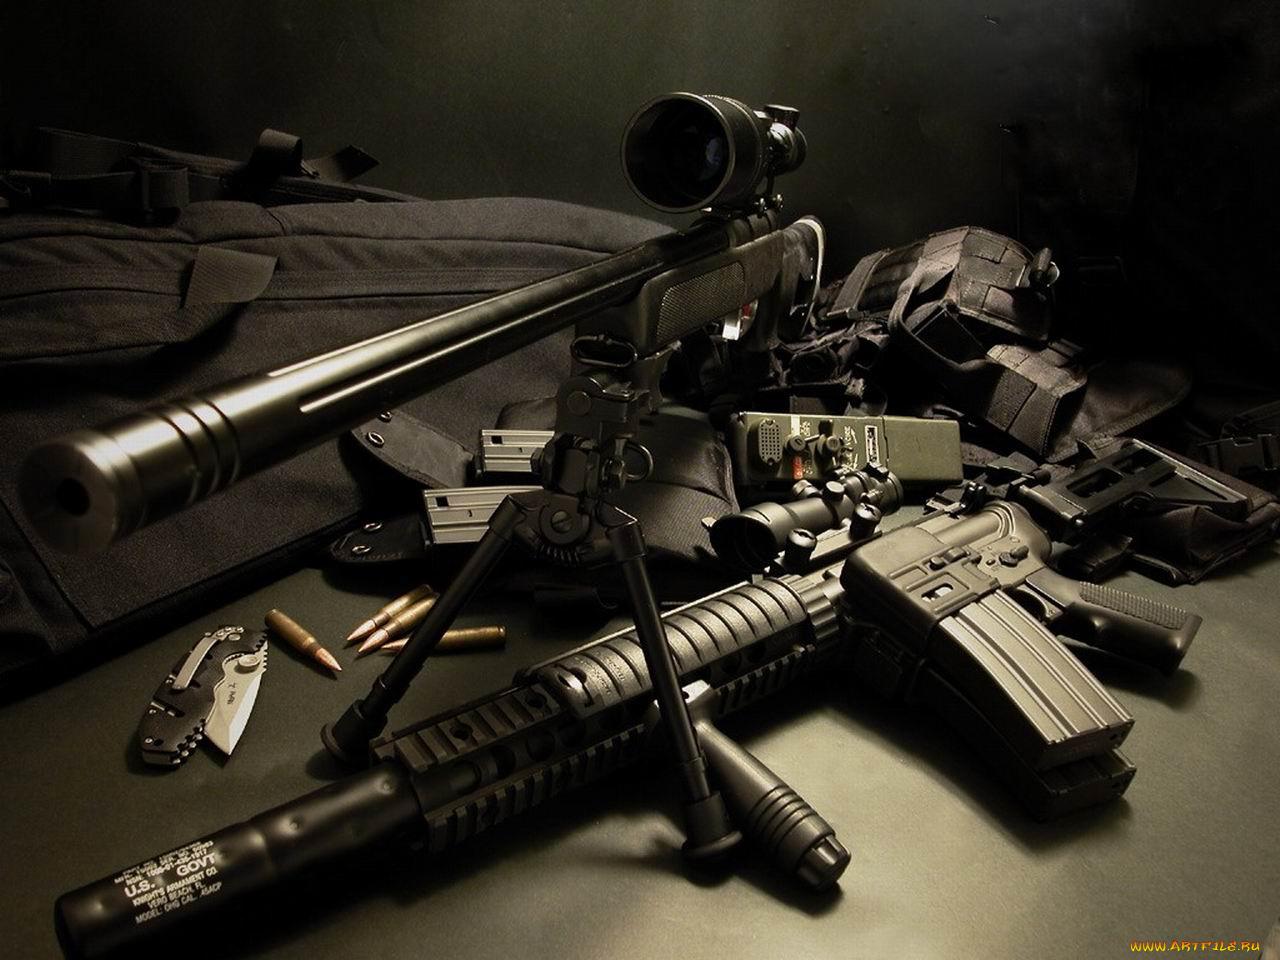 Поздравлением, картинки с оружиями крутыми